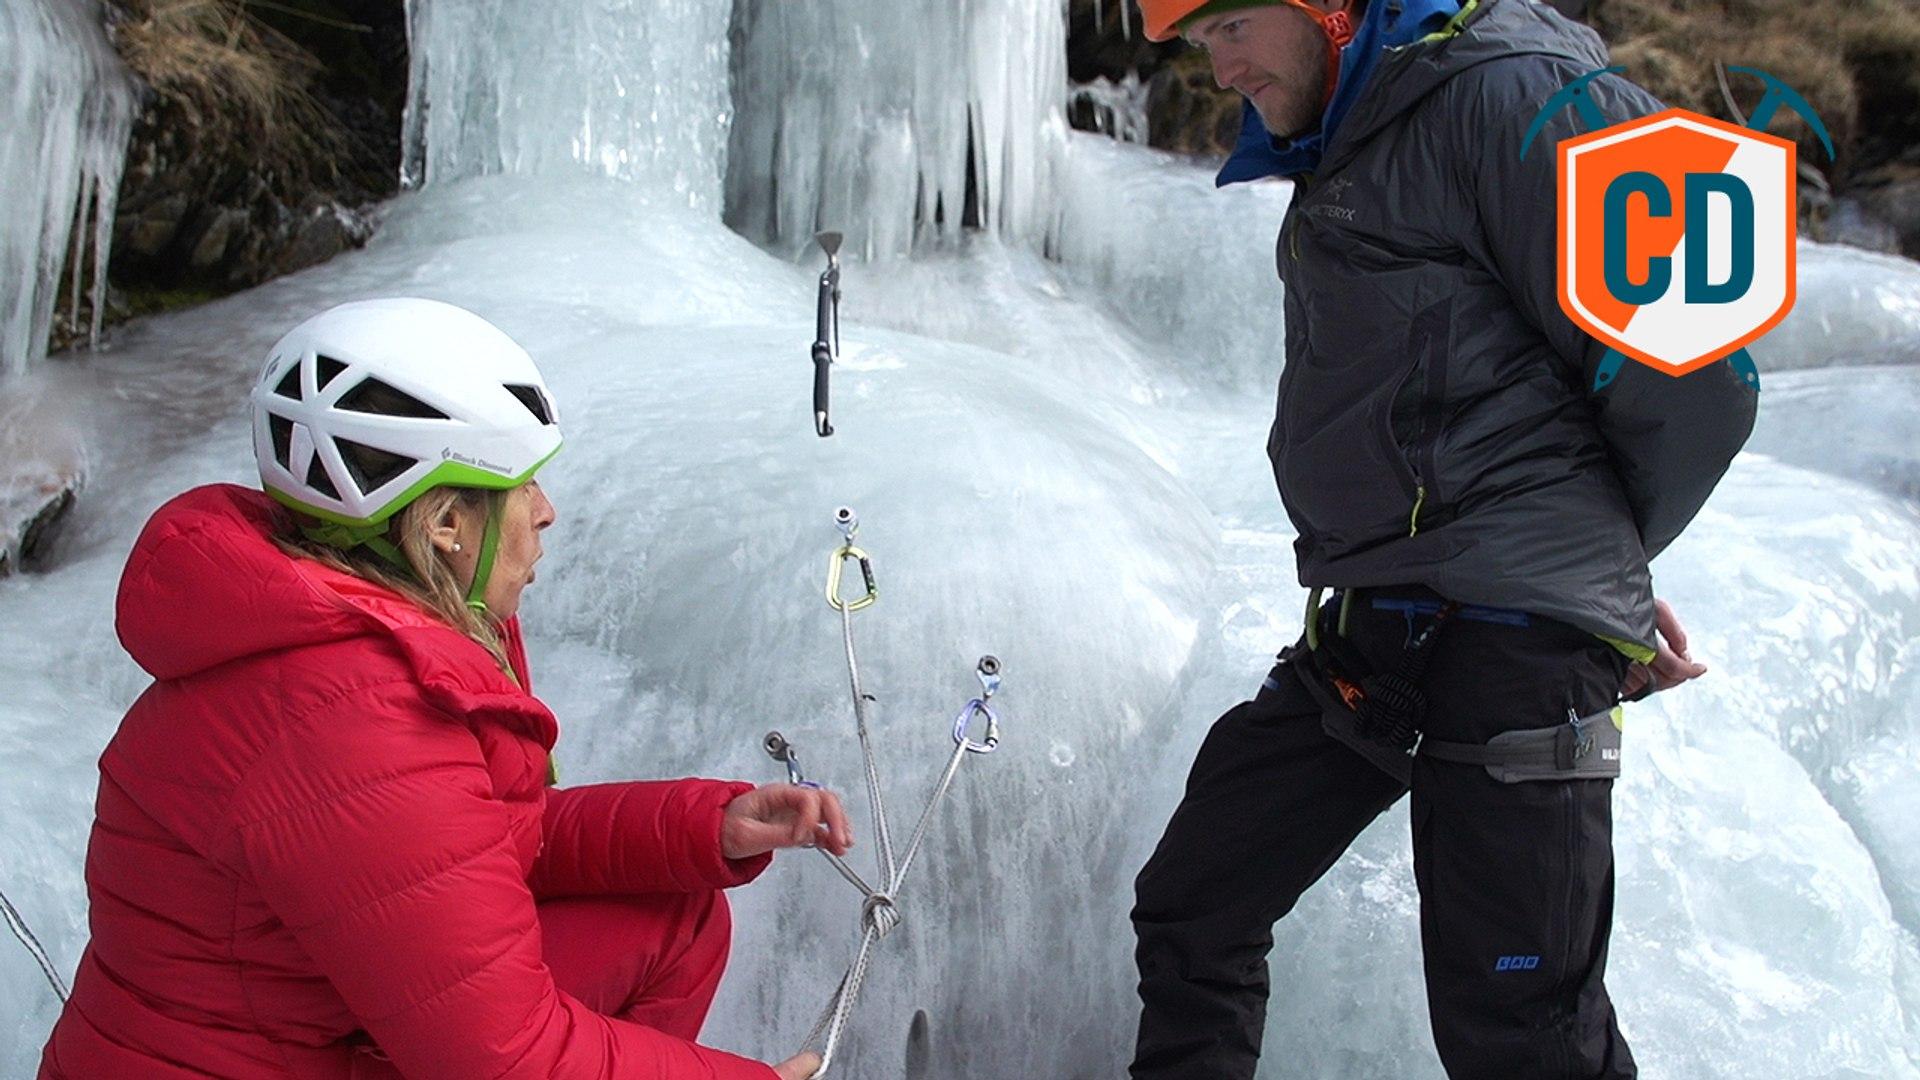 How To Build An Anchor - Ice Climbing | Climbing Daily, Ep. 685